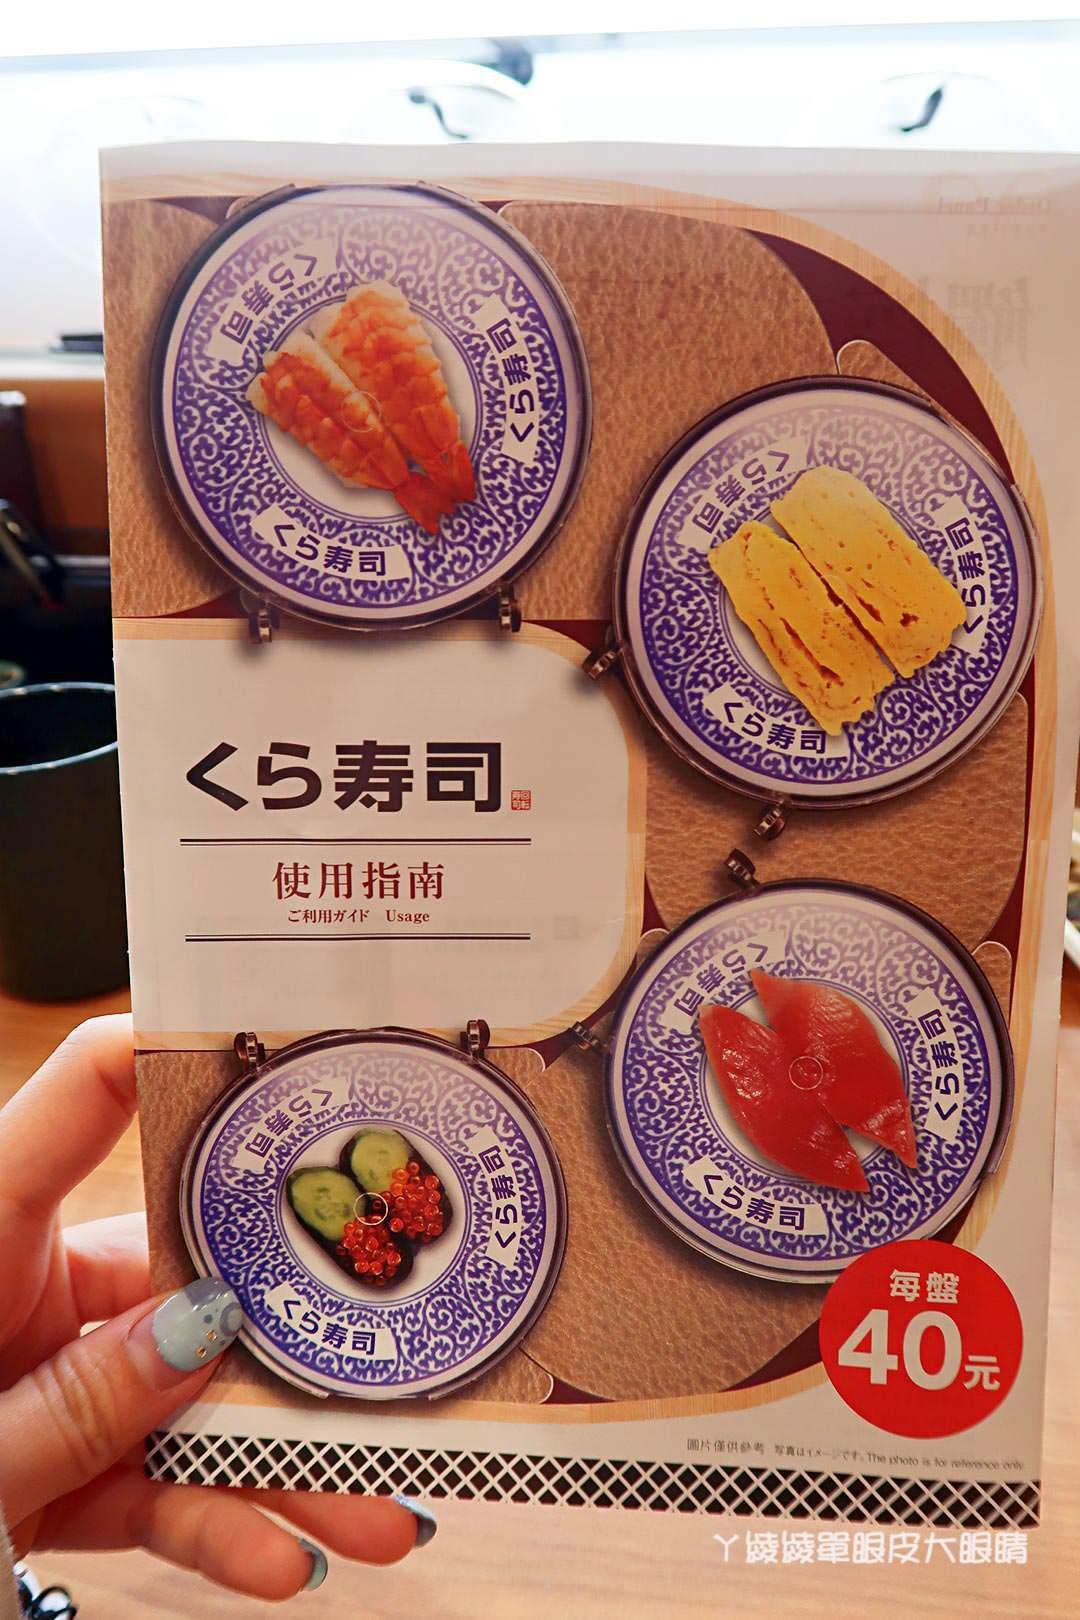 新竹平價迴轉壽司推薦!藏壽司2月26日起全門市推出黃昏的魚人扭蛋